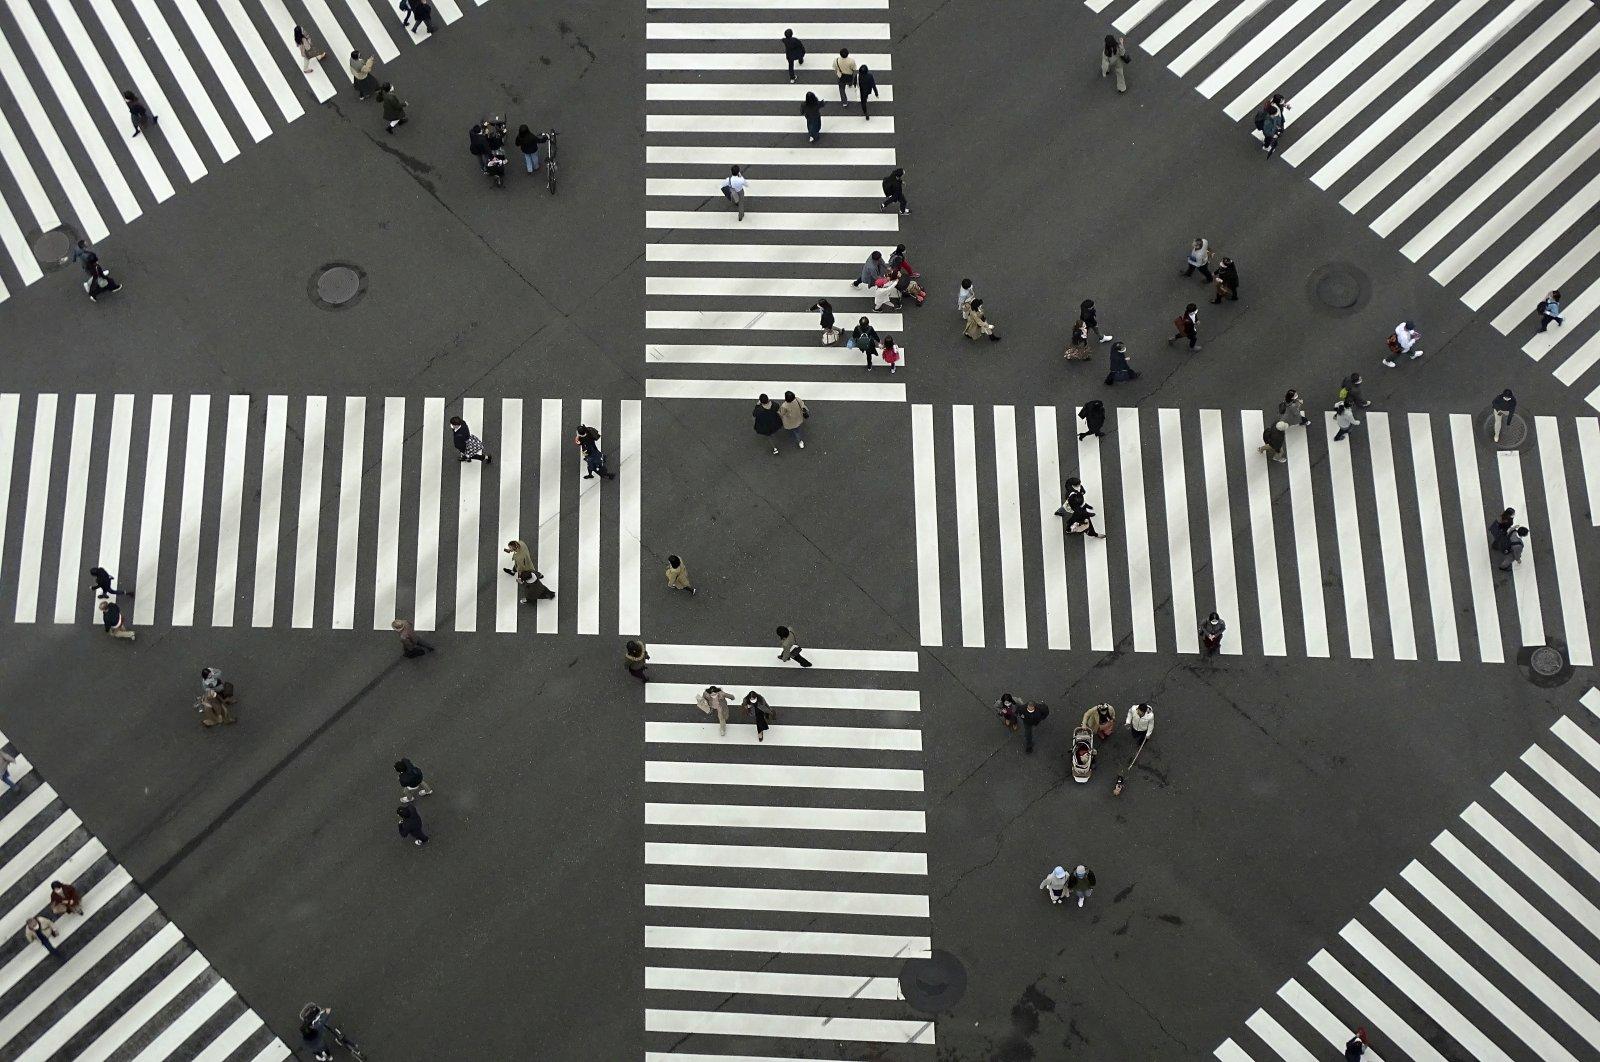 People walk across a pedestrian crossing along a shopping street, in Tokyo, Japan, Nov. 3, 2020. (AP Photo)